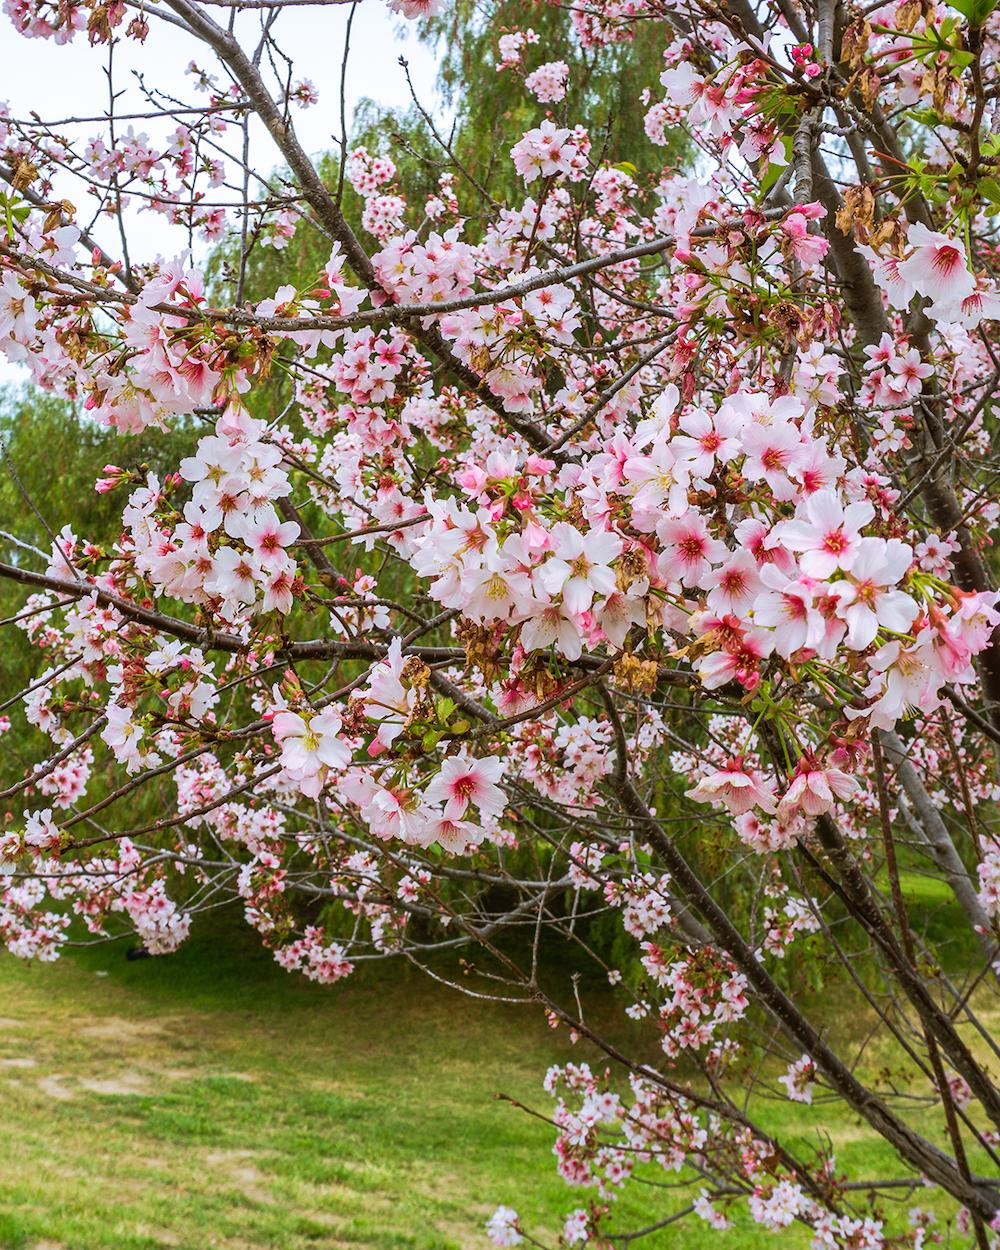 lake balboa park cherry blossoms